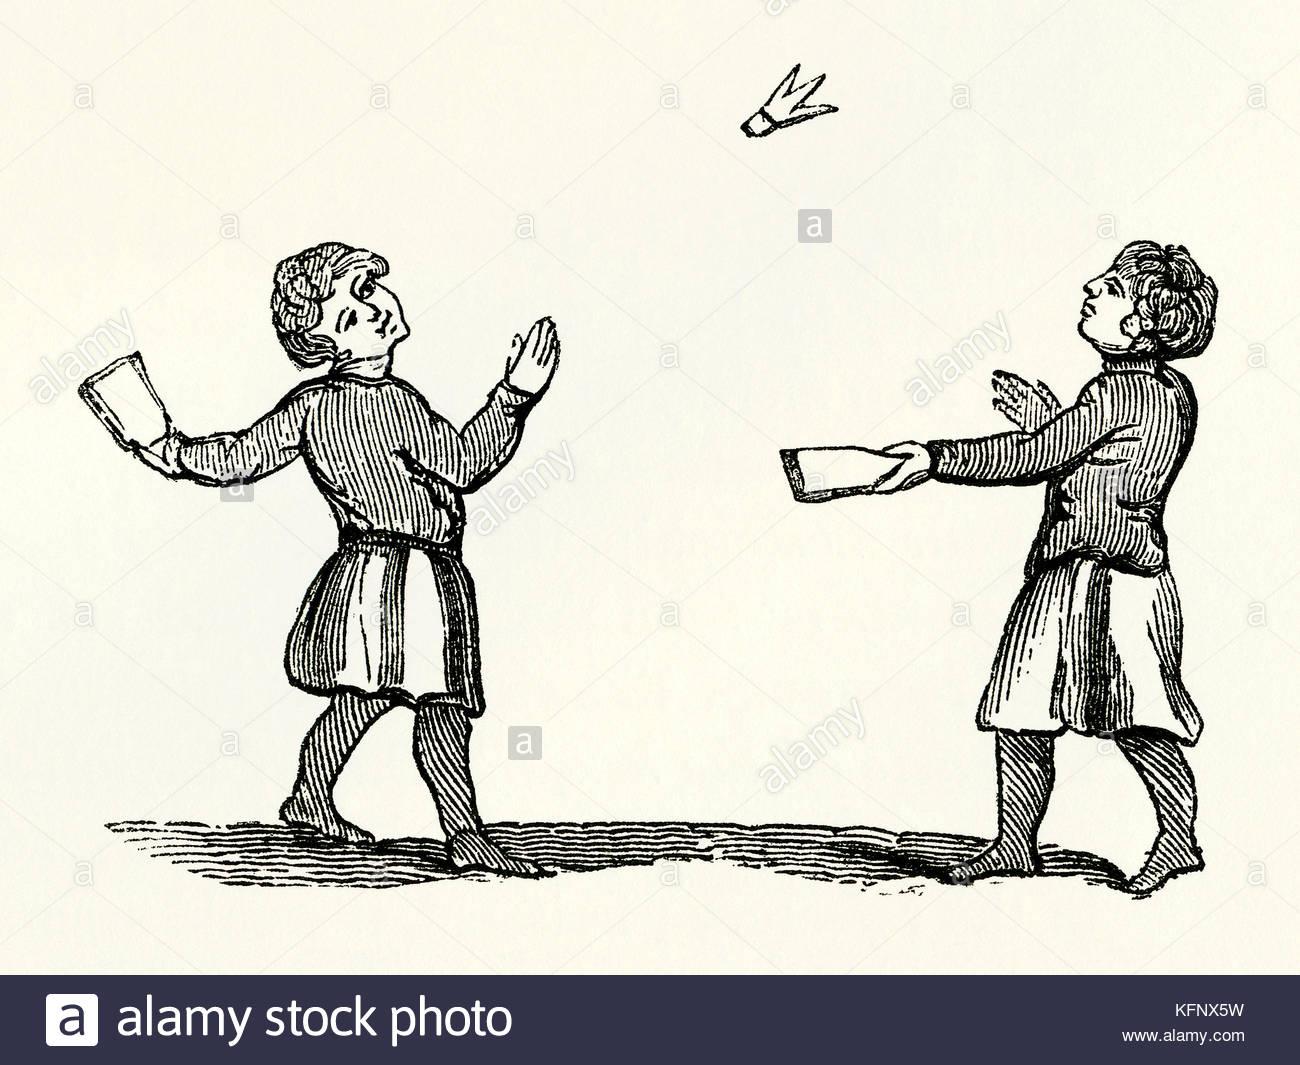 Un viejo grabado medieval de battledore y shuttlecock o jeu de volant, un  juego de principios relacionados con el bádminton moderno